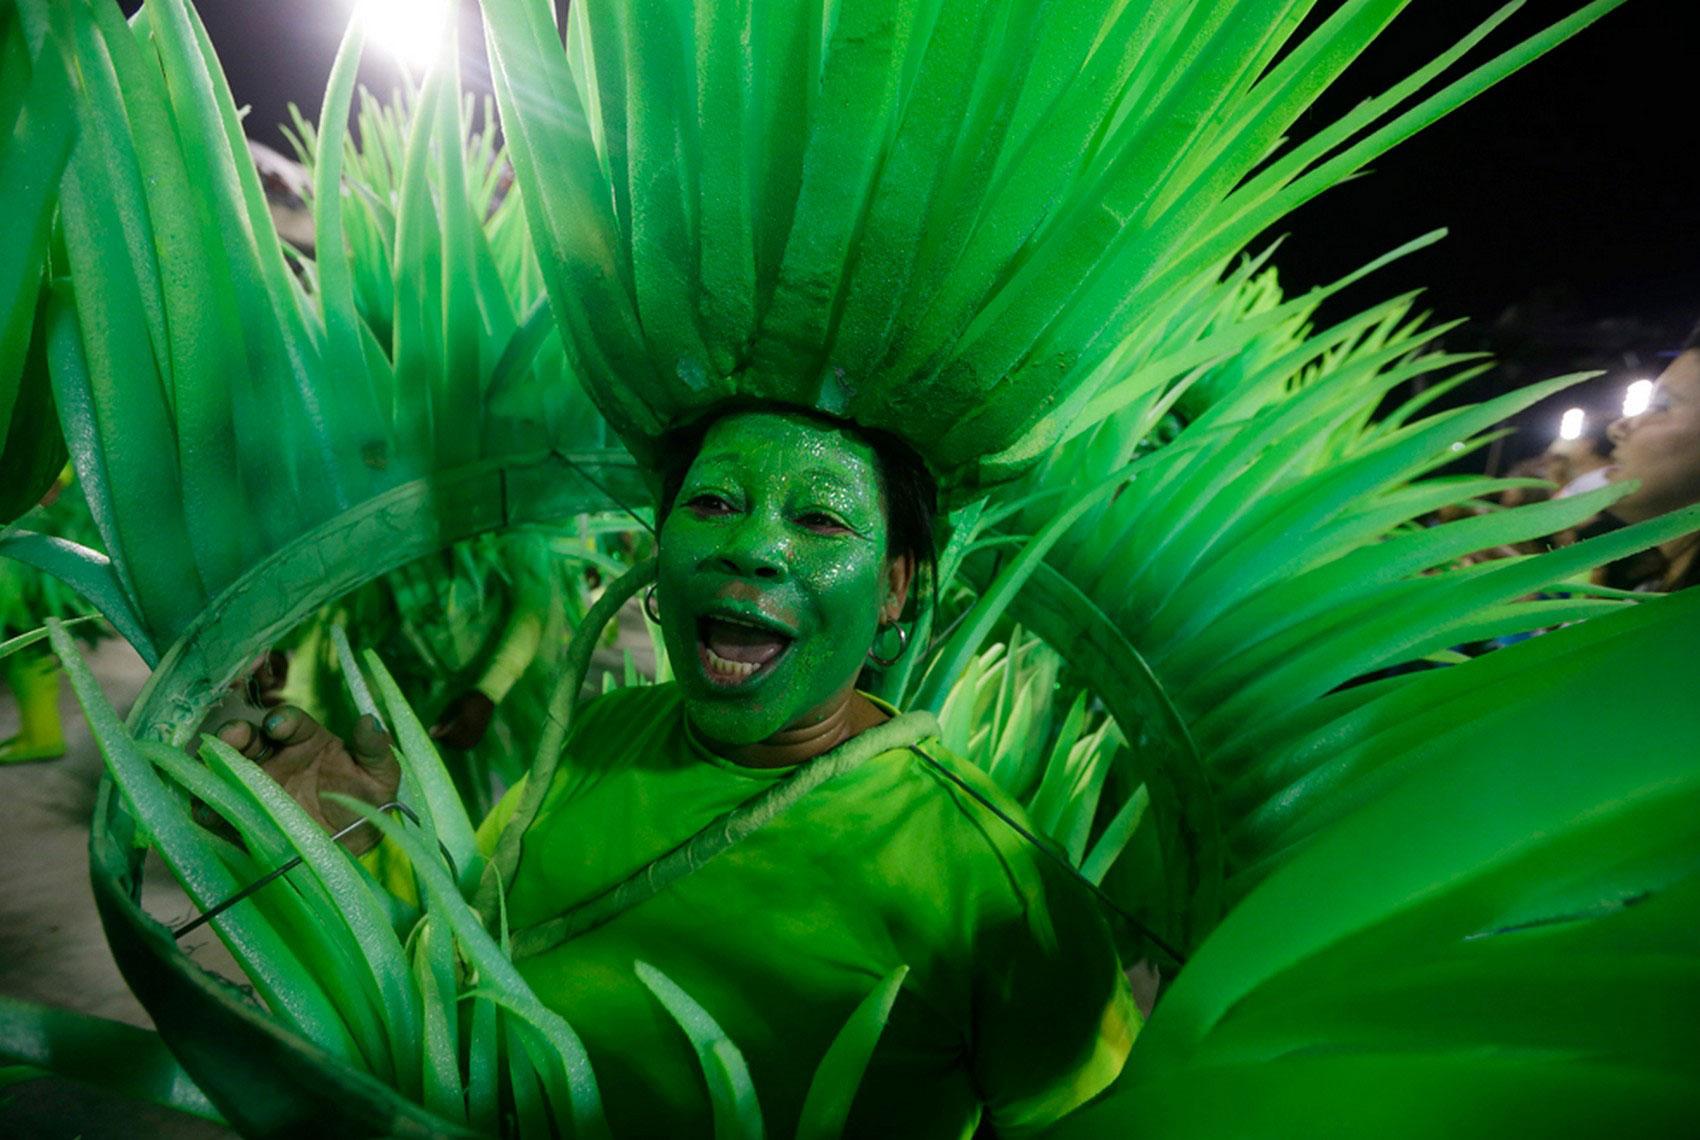 Бразильский карнавал 2013, фото